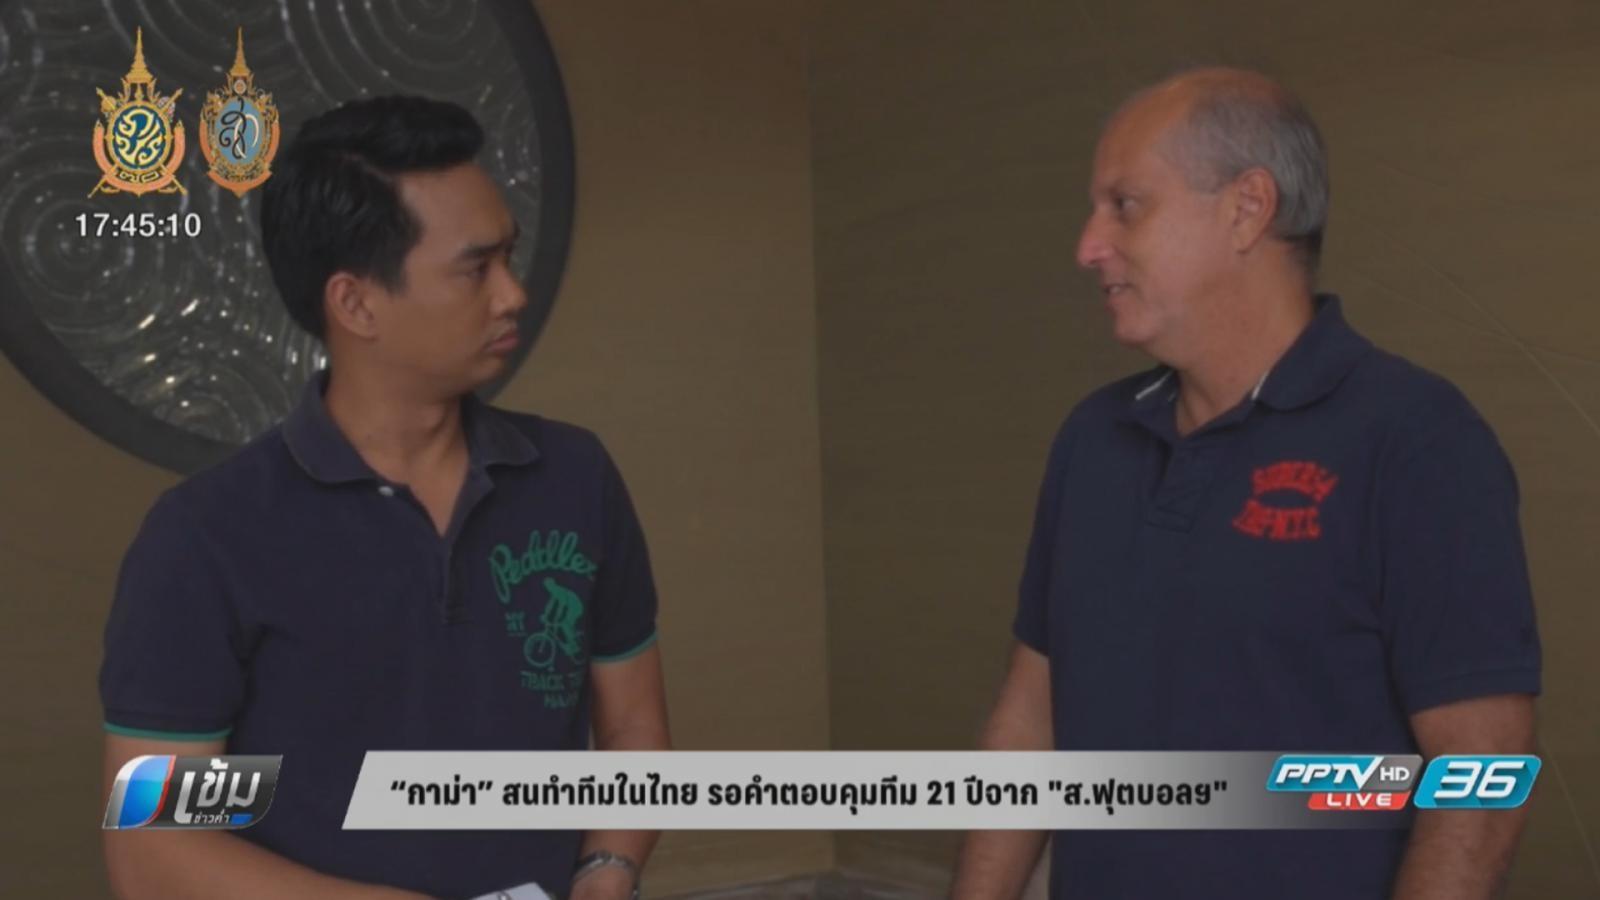 """""""กาม่า"""" สนทำทีมในไทย รอคำตอบคุมทีม 21 ปีจาก """"ส.ฟุตบอลฯ"""""""